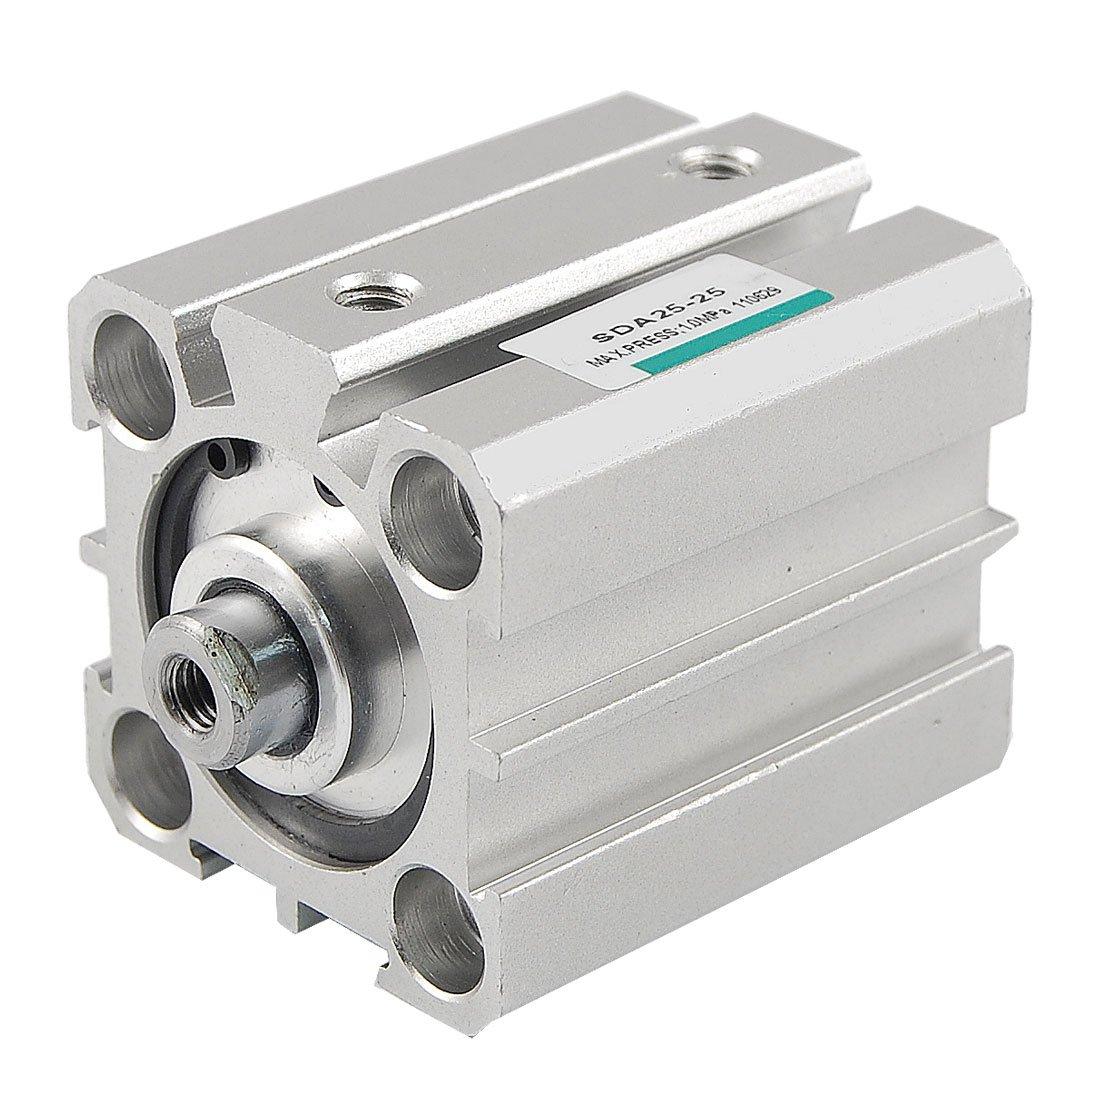 Sourcingmap a12030500ux0065 - Diametro 25 millimetri 25 millimetri sda compatto corsa del cilindro pneumatico dell'aria